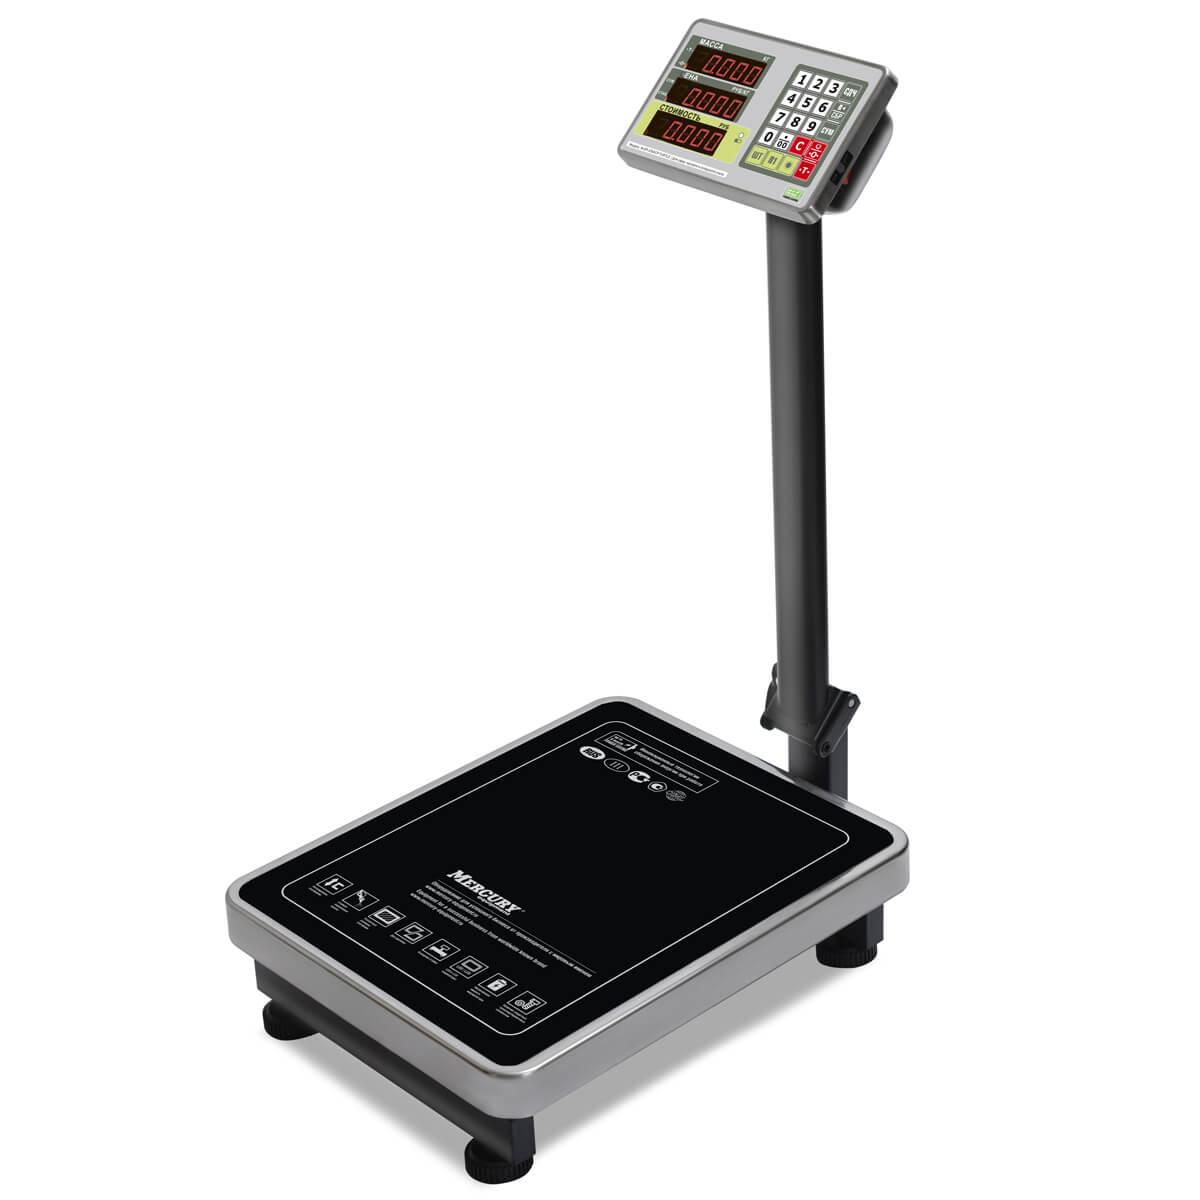 Торговые напольные весы M-ER 335 ACP-150.20 «TURTLE» с расчетом стоимости товара LED